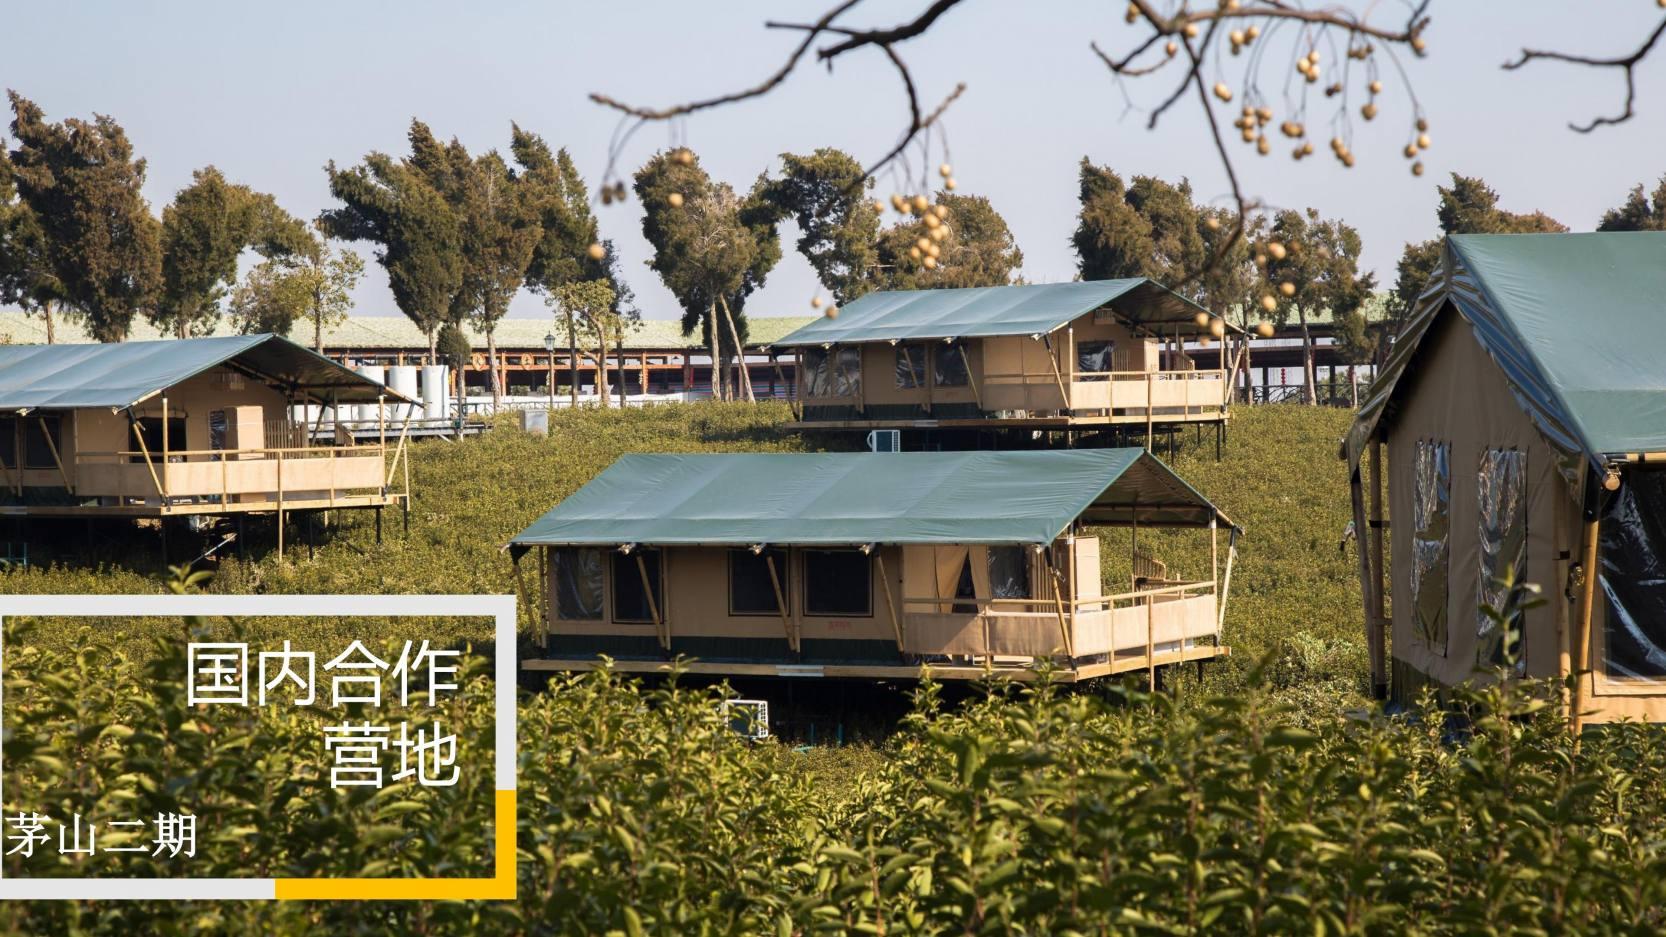 喜马拉雅野奢帐篷 (48)